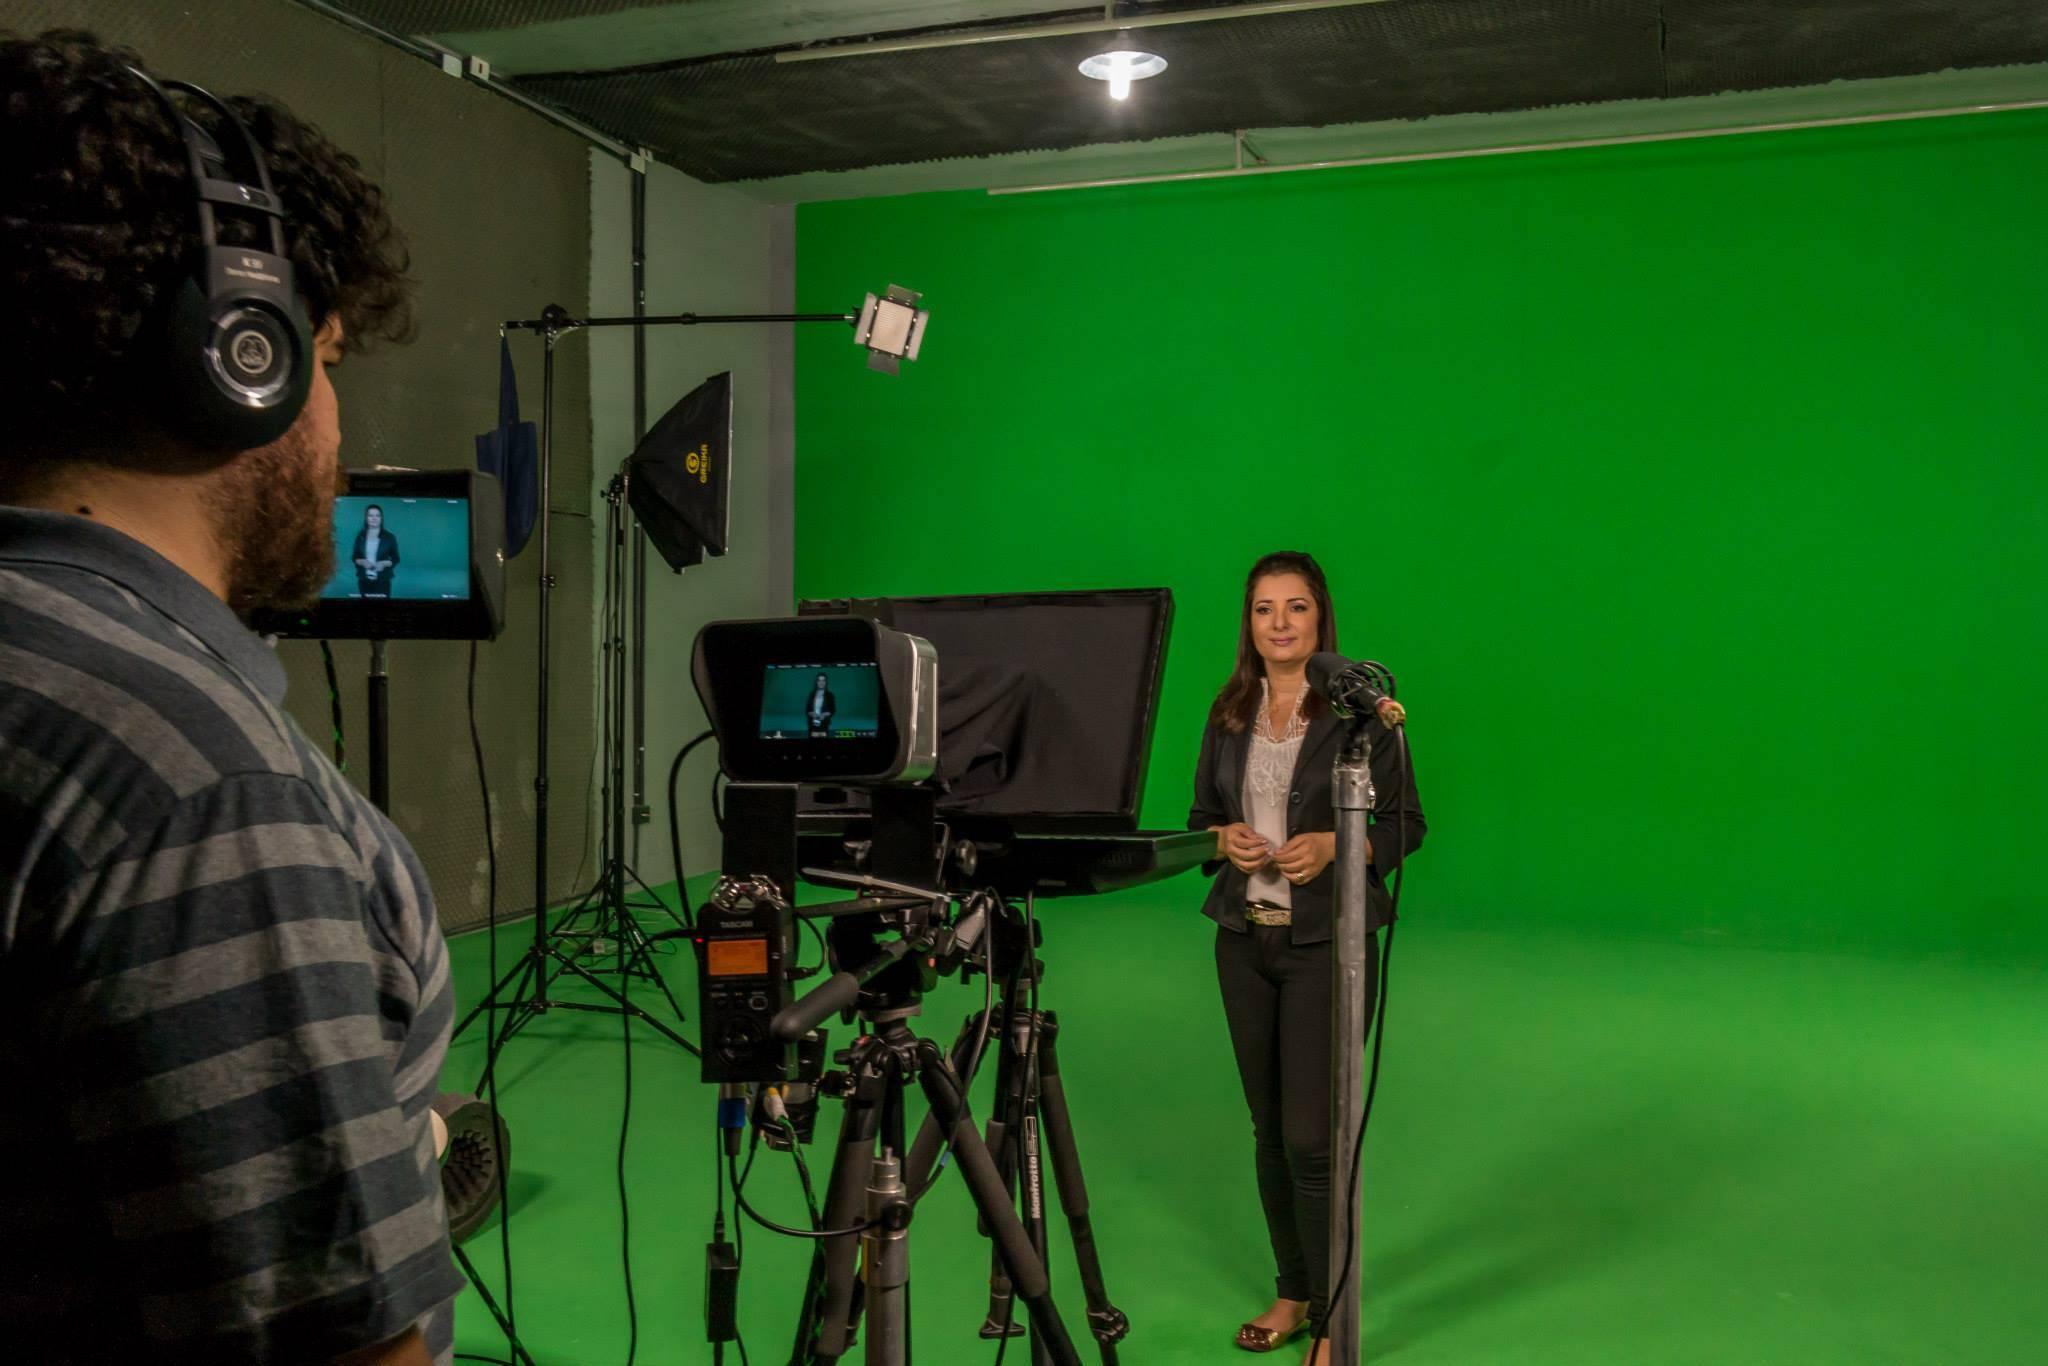 Venta De Carros >> Estúdio de vídeo Matilde | Vale a pena alugar um estúdio ...